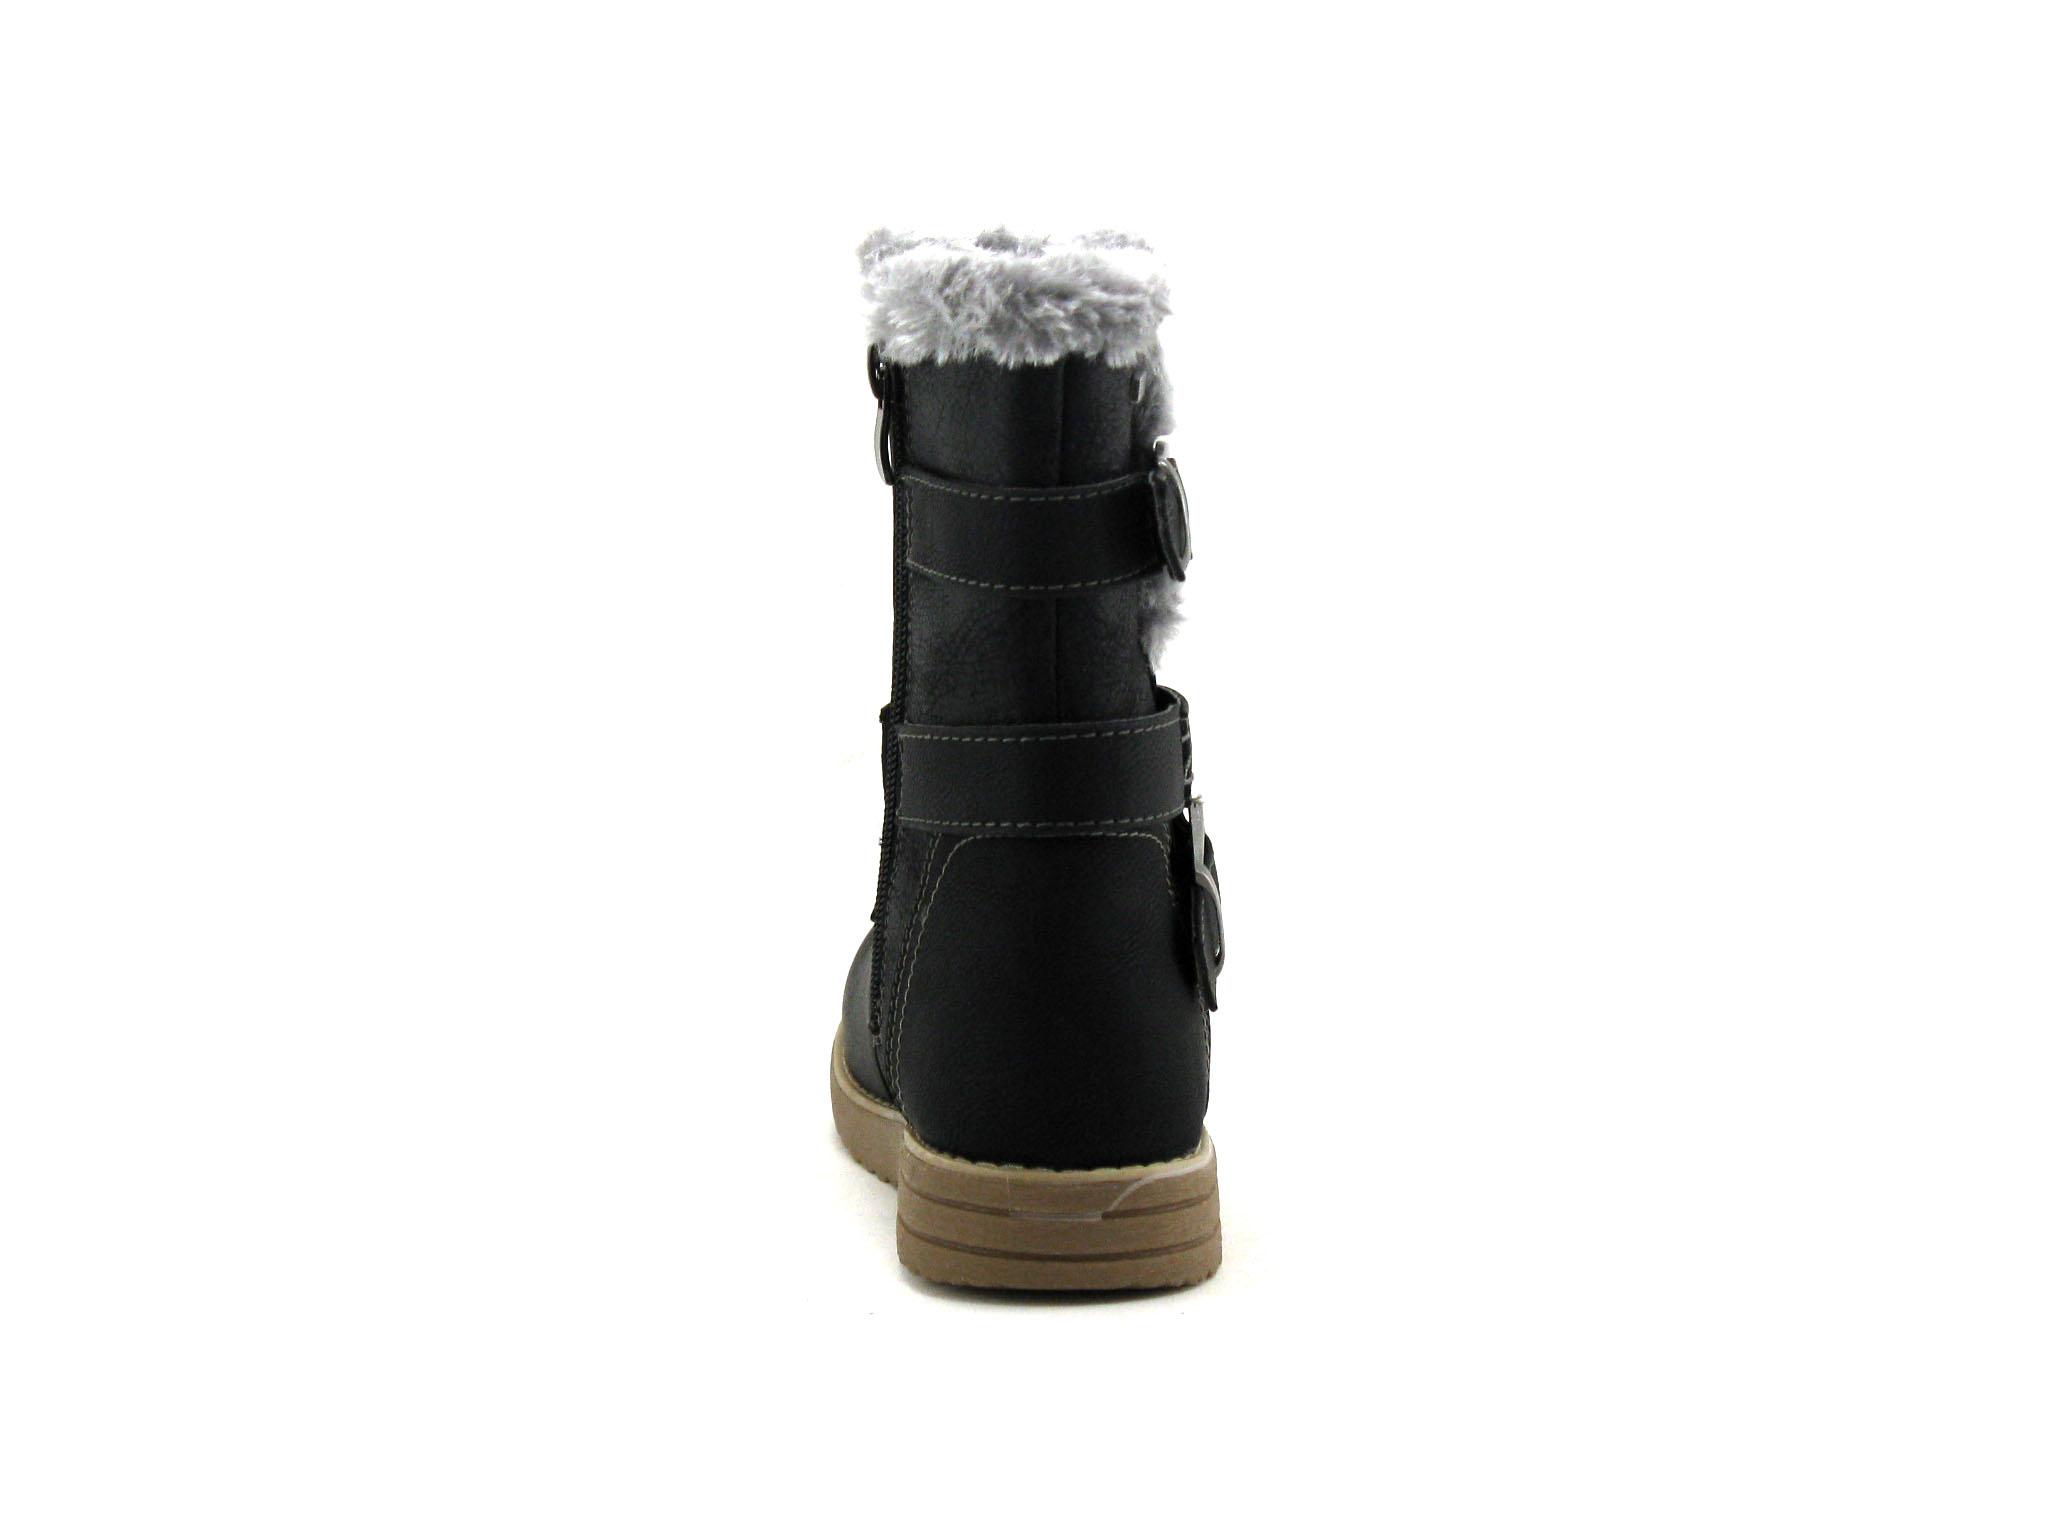 Achat chaussures MKids Enfant Botte et Bottillon, vente